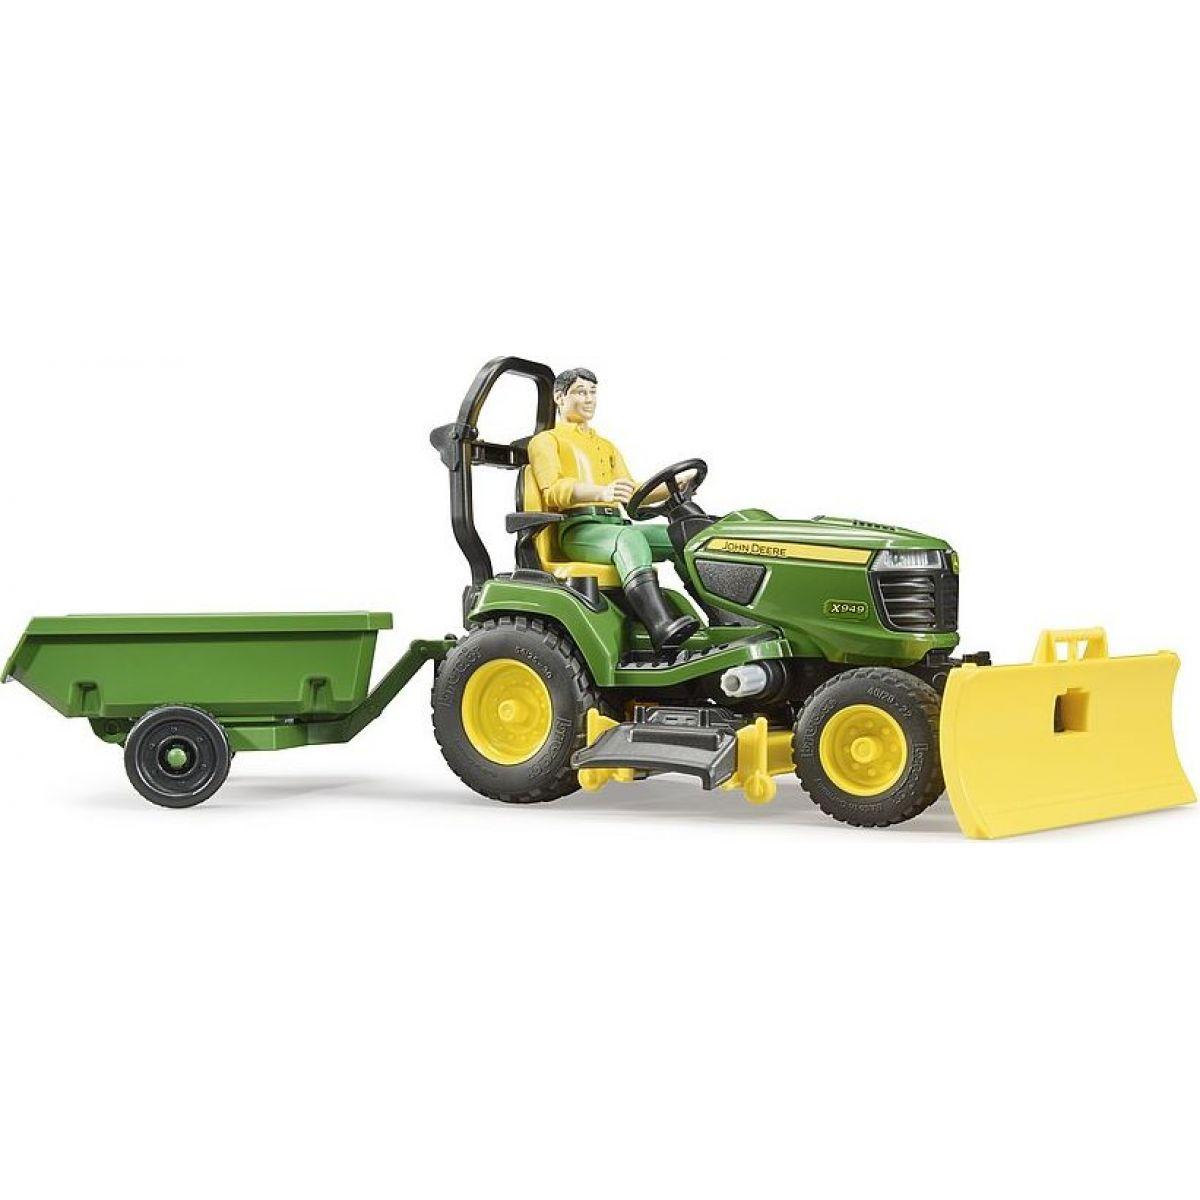 Bruder 62104 Záhradný traktorček J.Deere s príslušenstvom a figúrkou